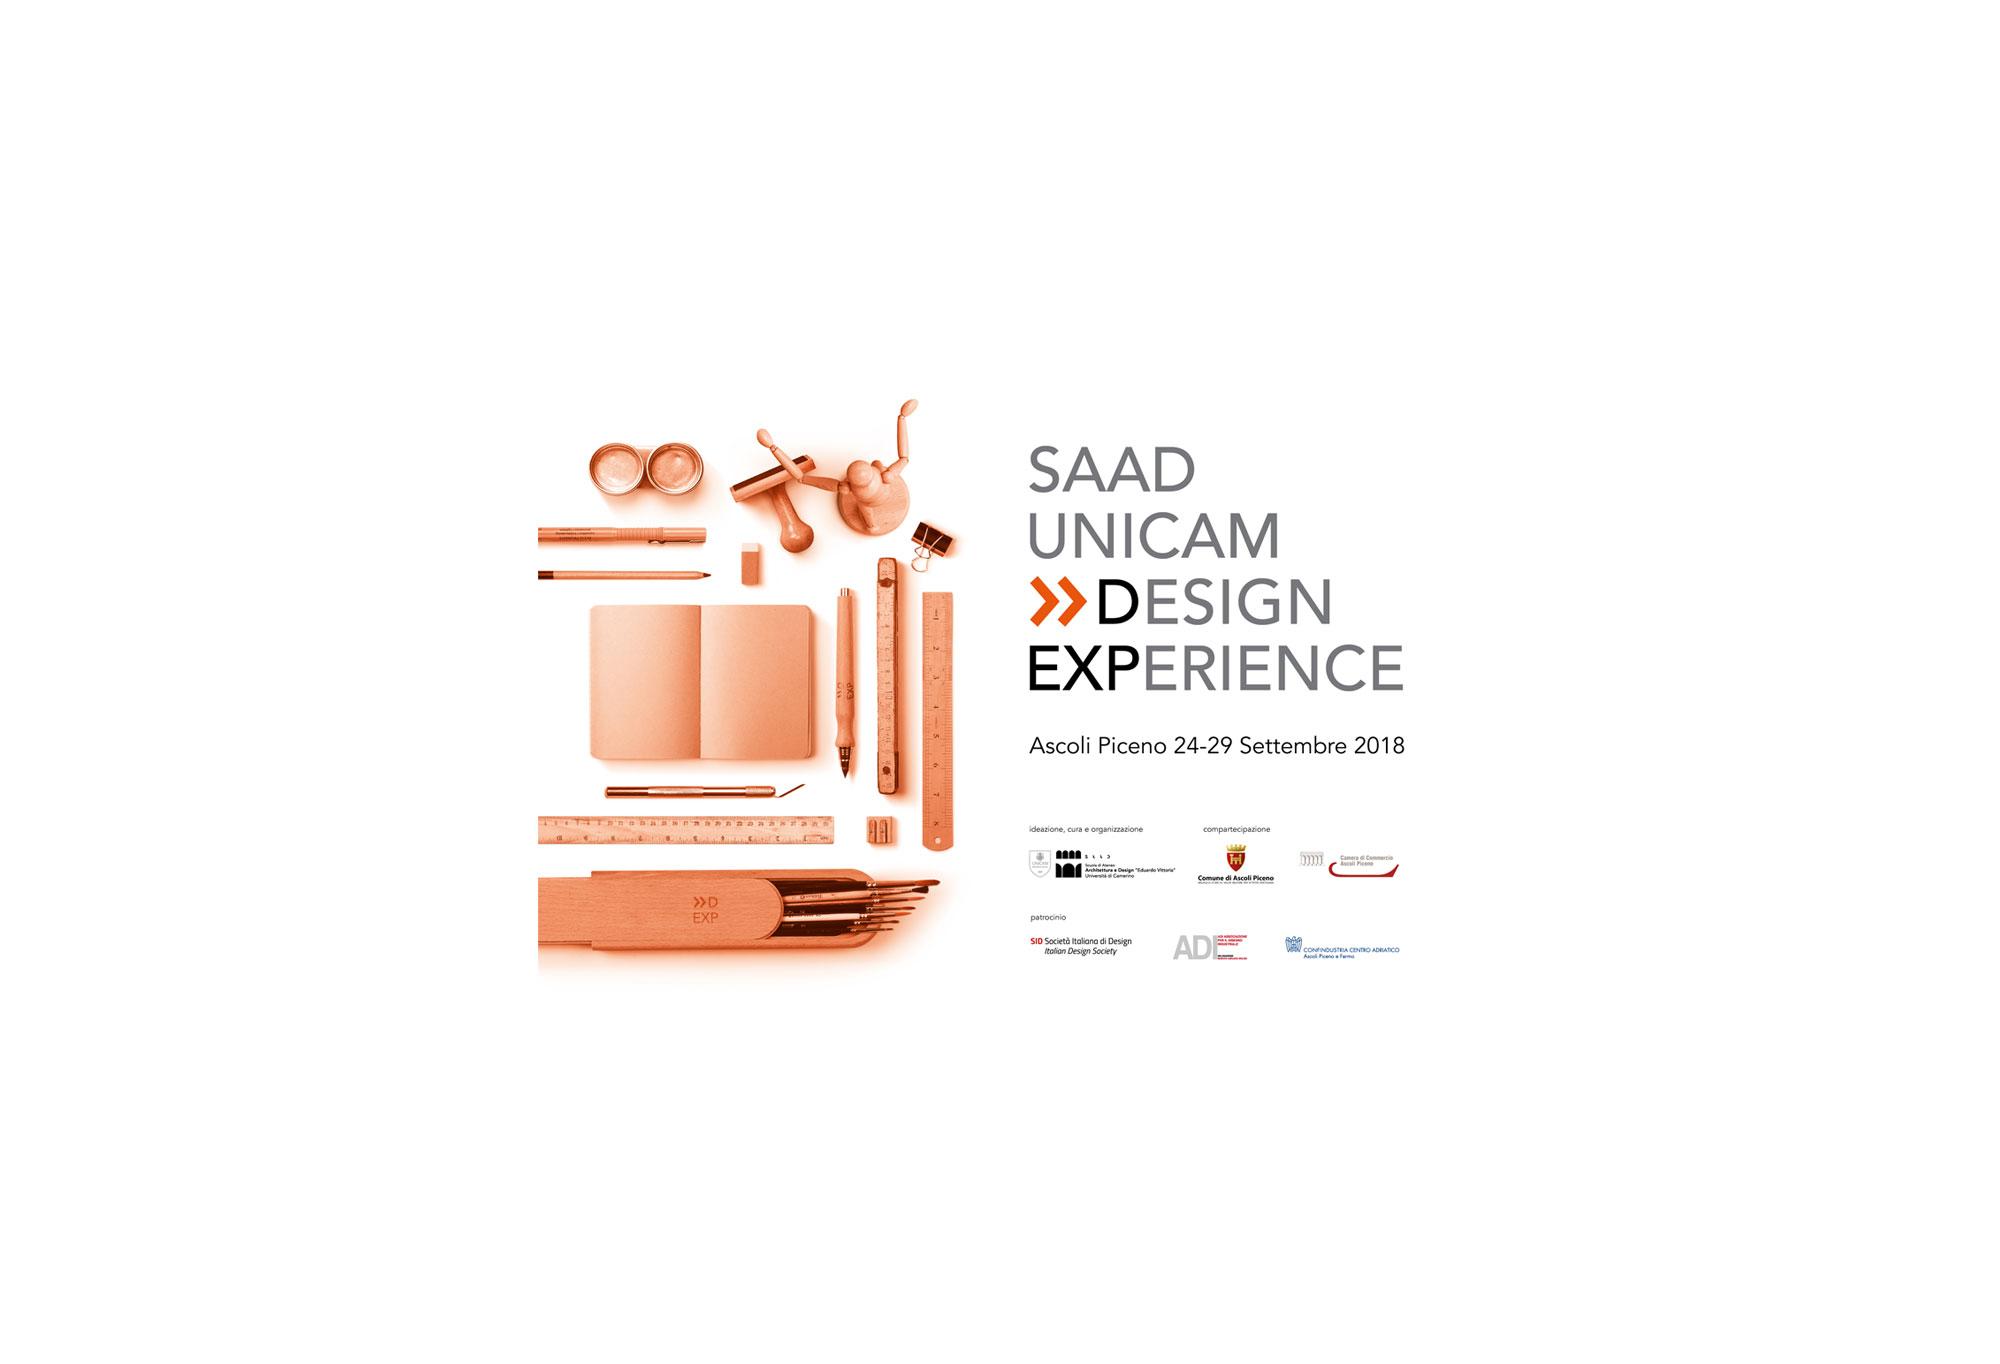 Design Experience Week 2018